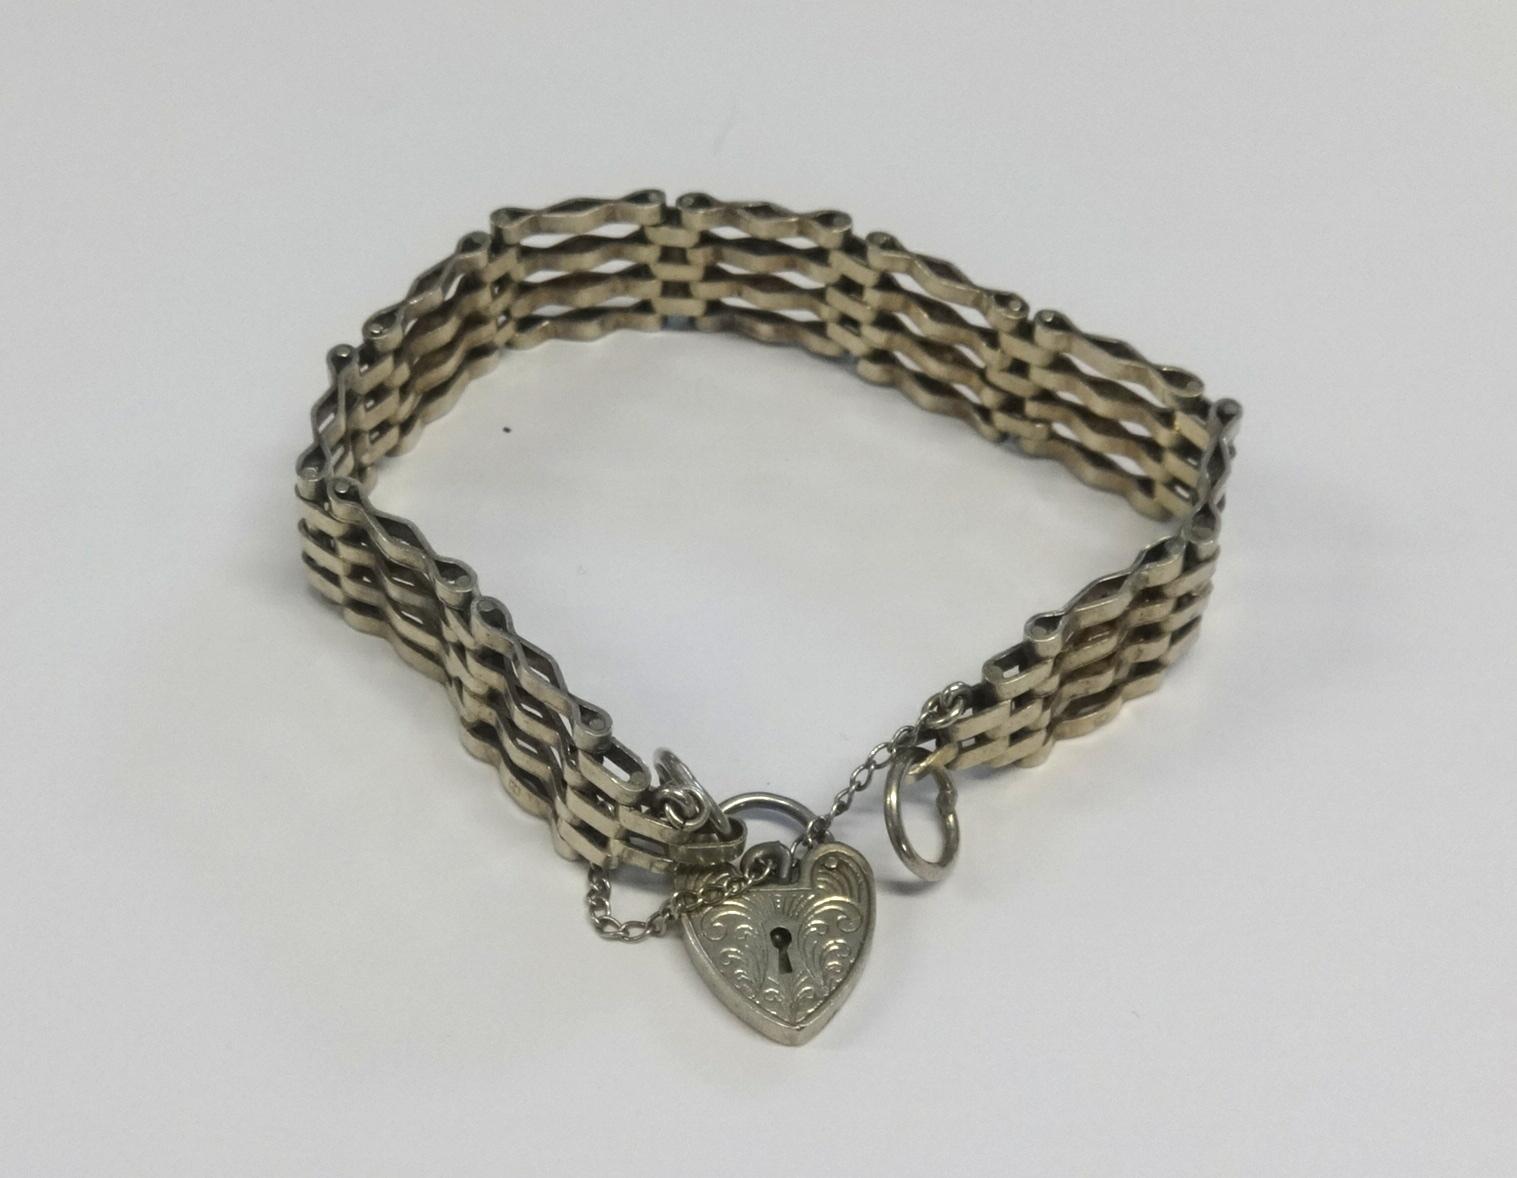 Lot 027 - A Silver gate bracelet.